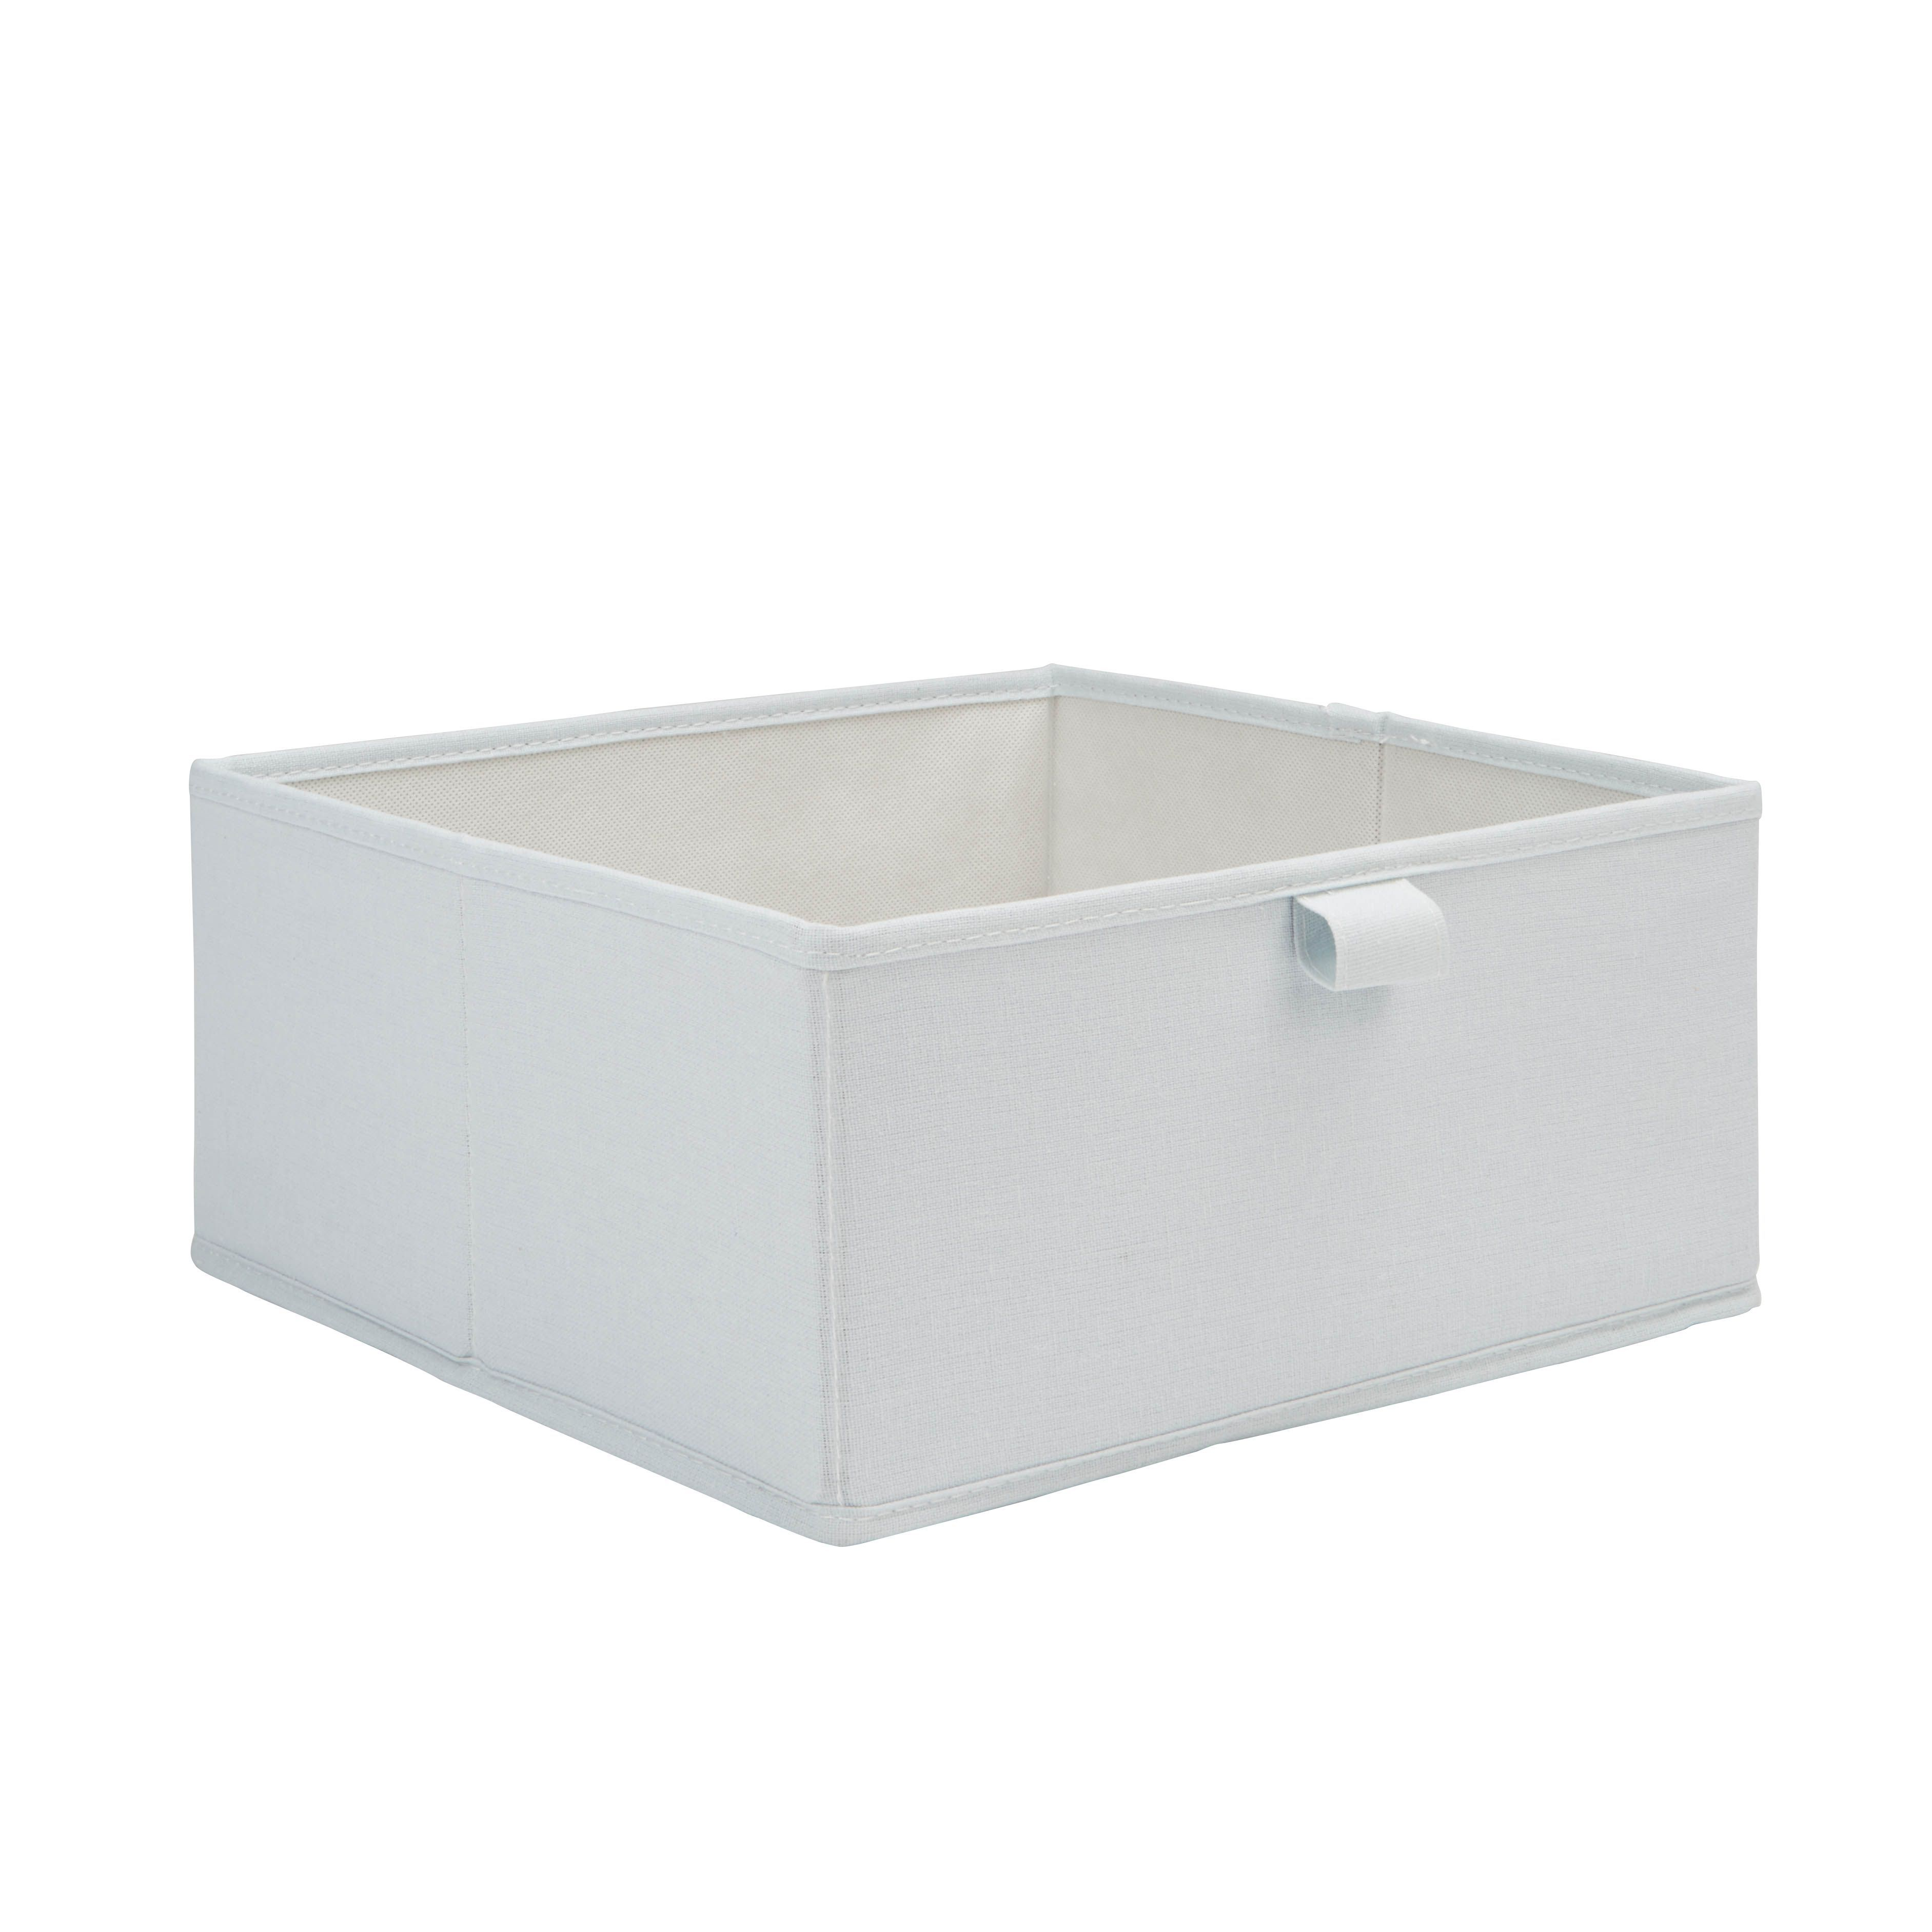 Form Mixxit Blue Half Height Storage Box (w)310mm